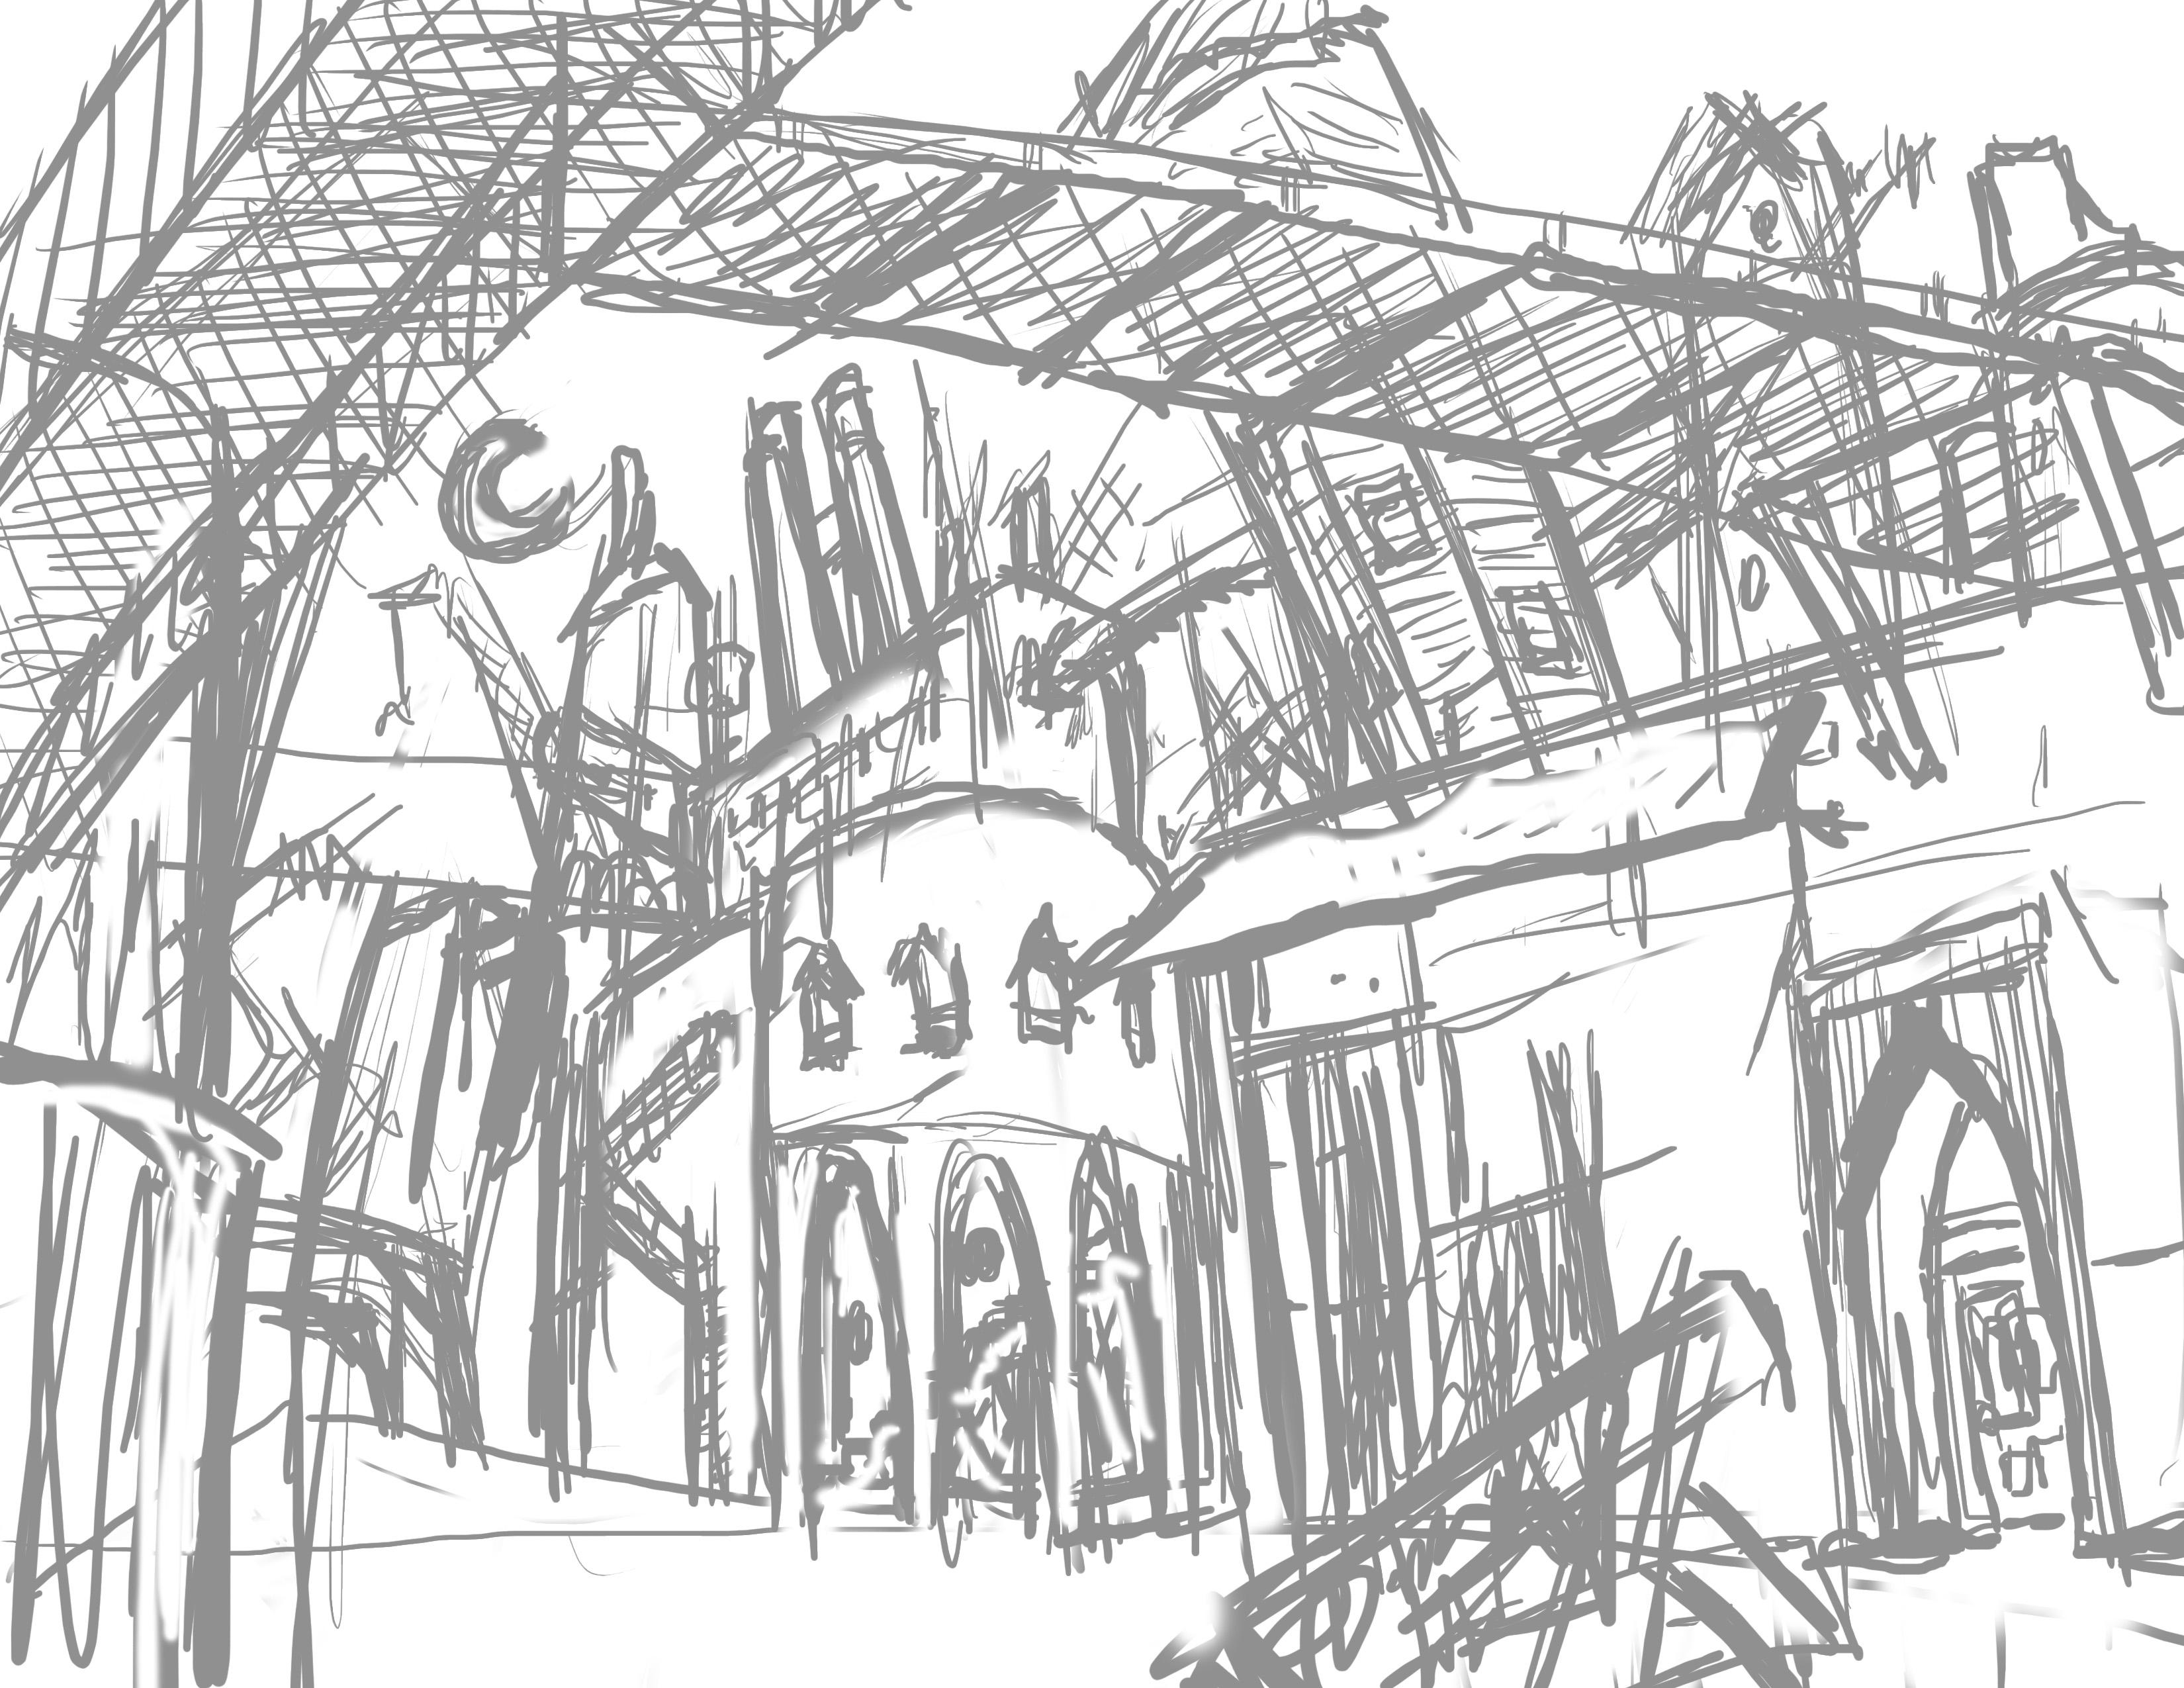 City Concept 3